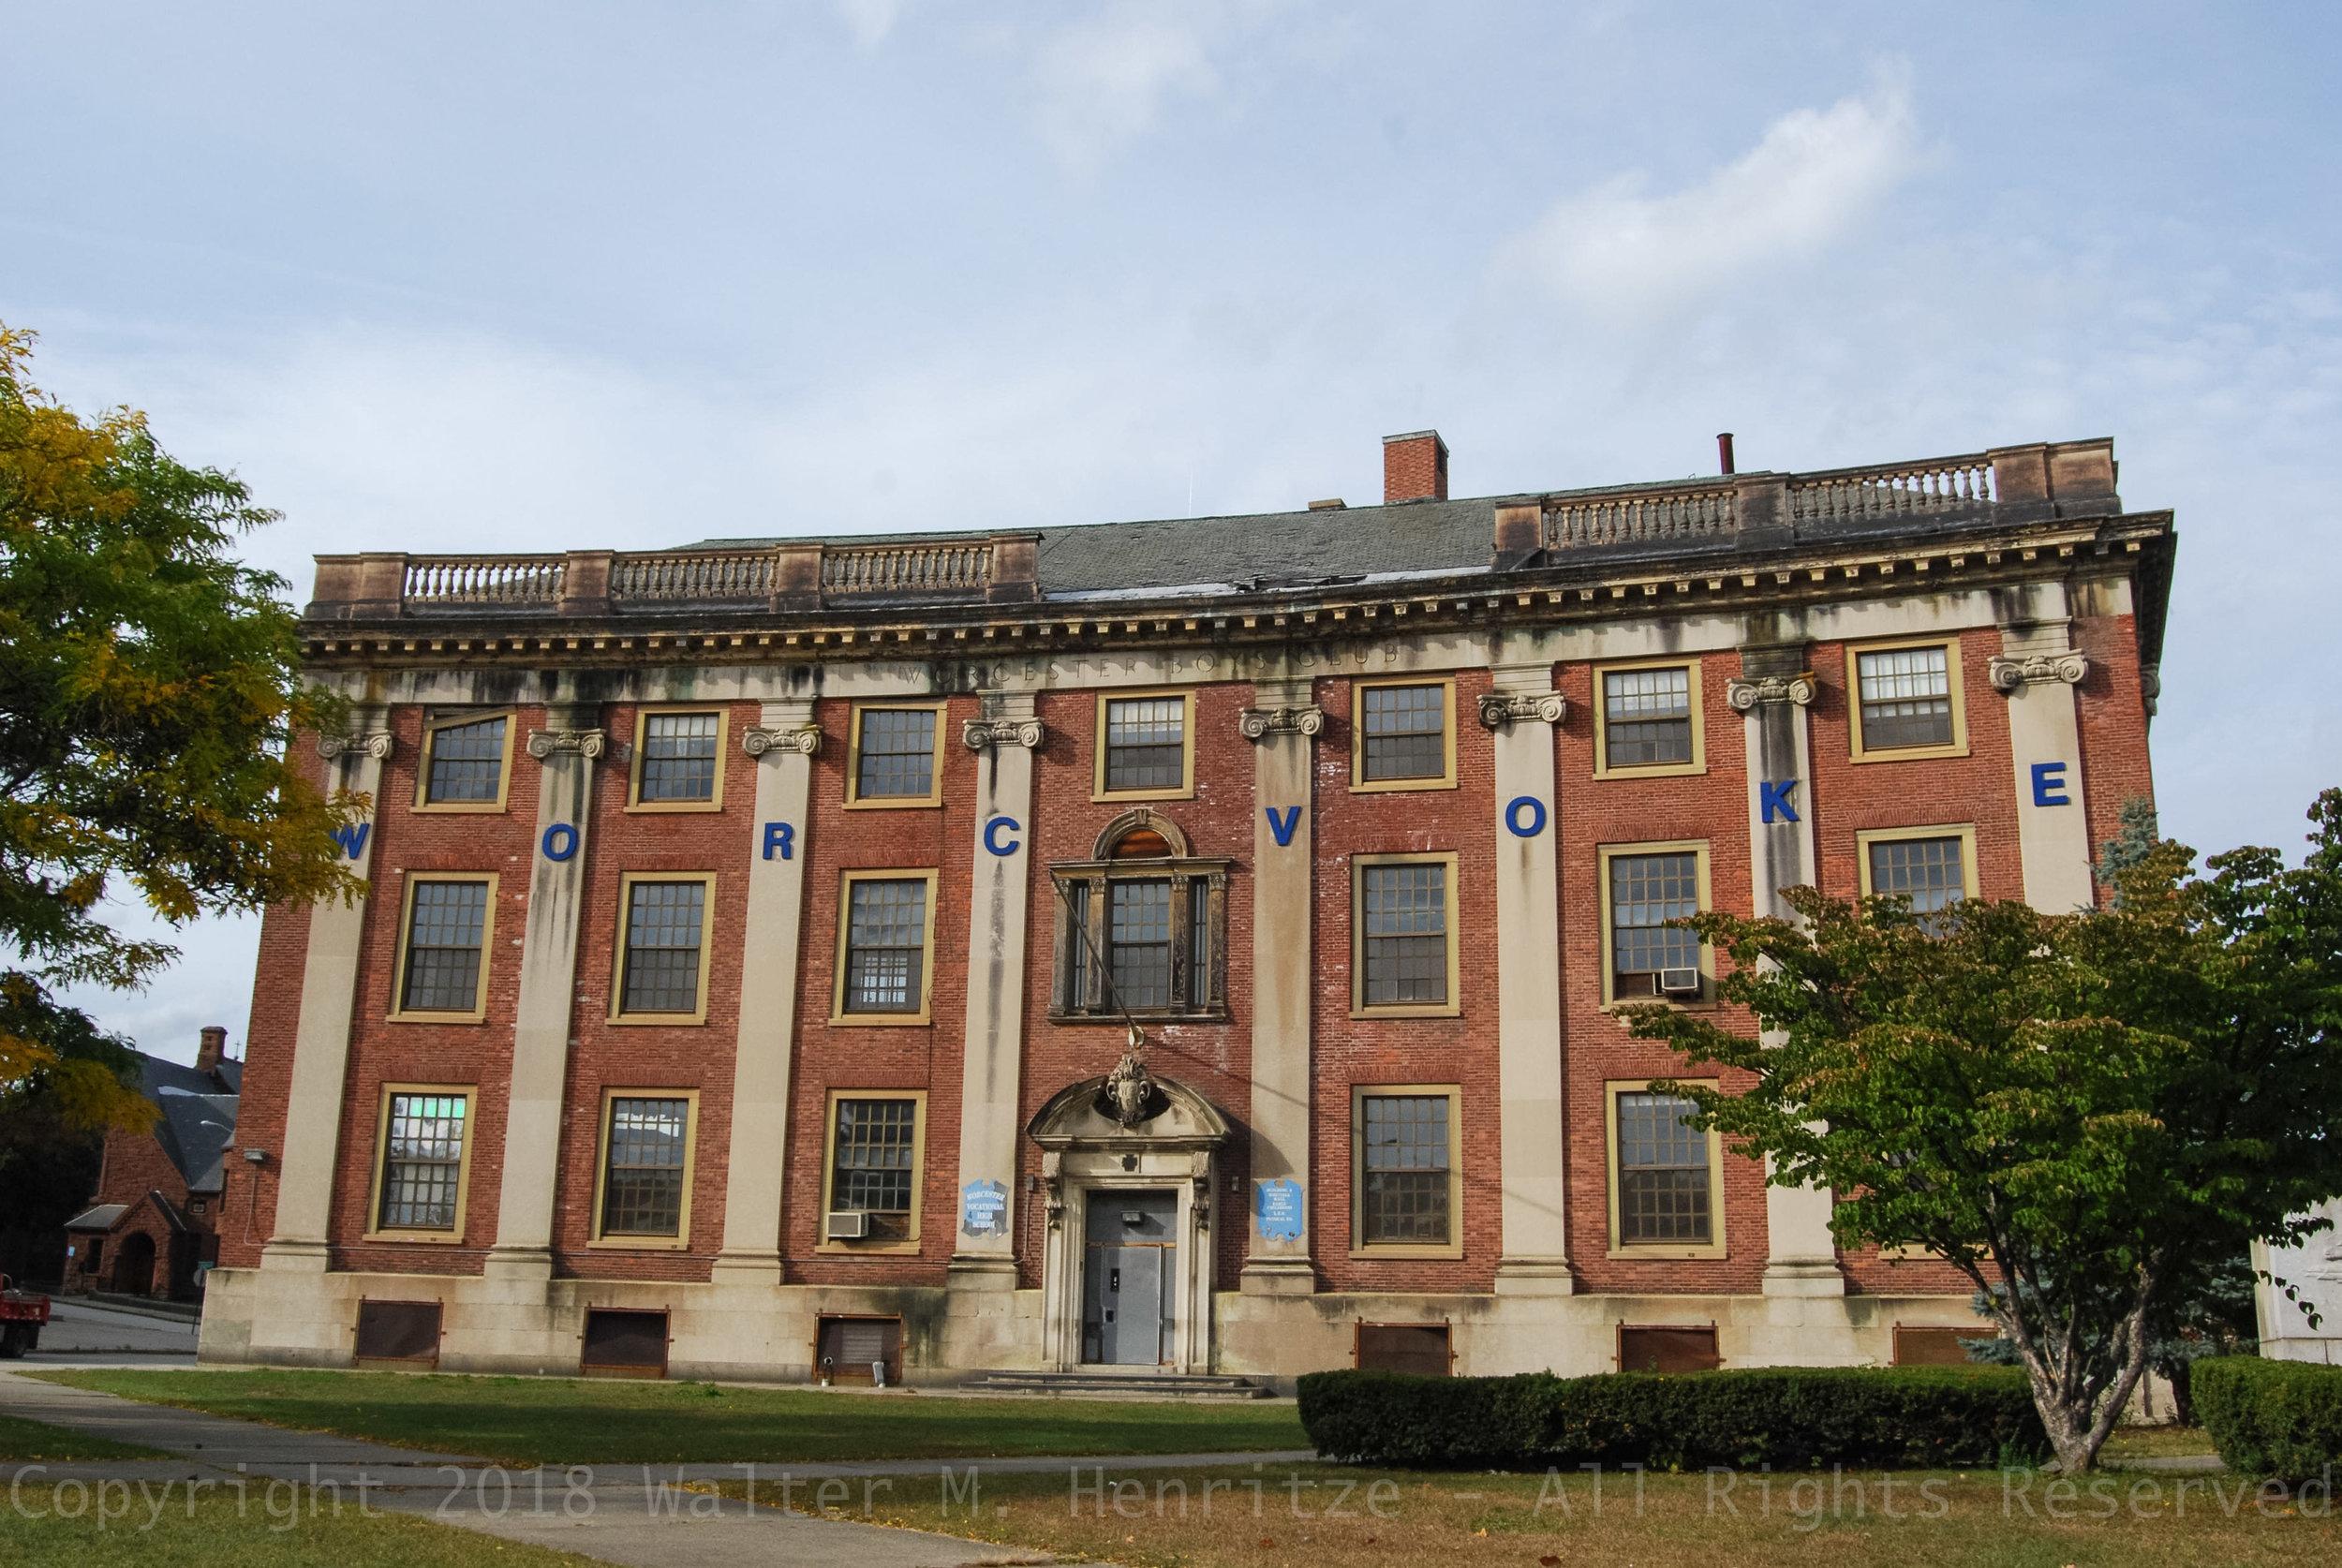 Boy's Club Building (Voke School): October 7, 2014